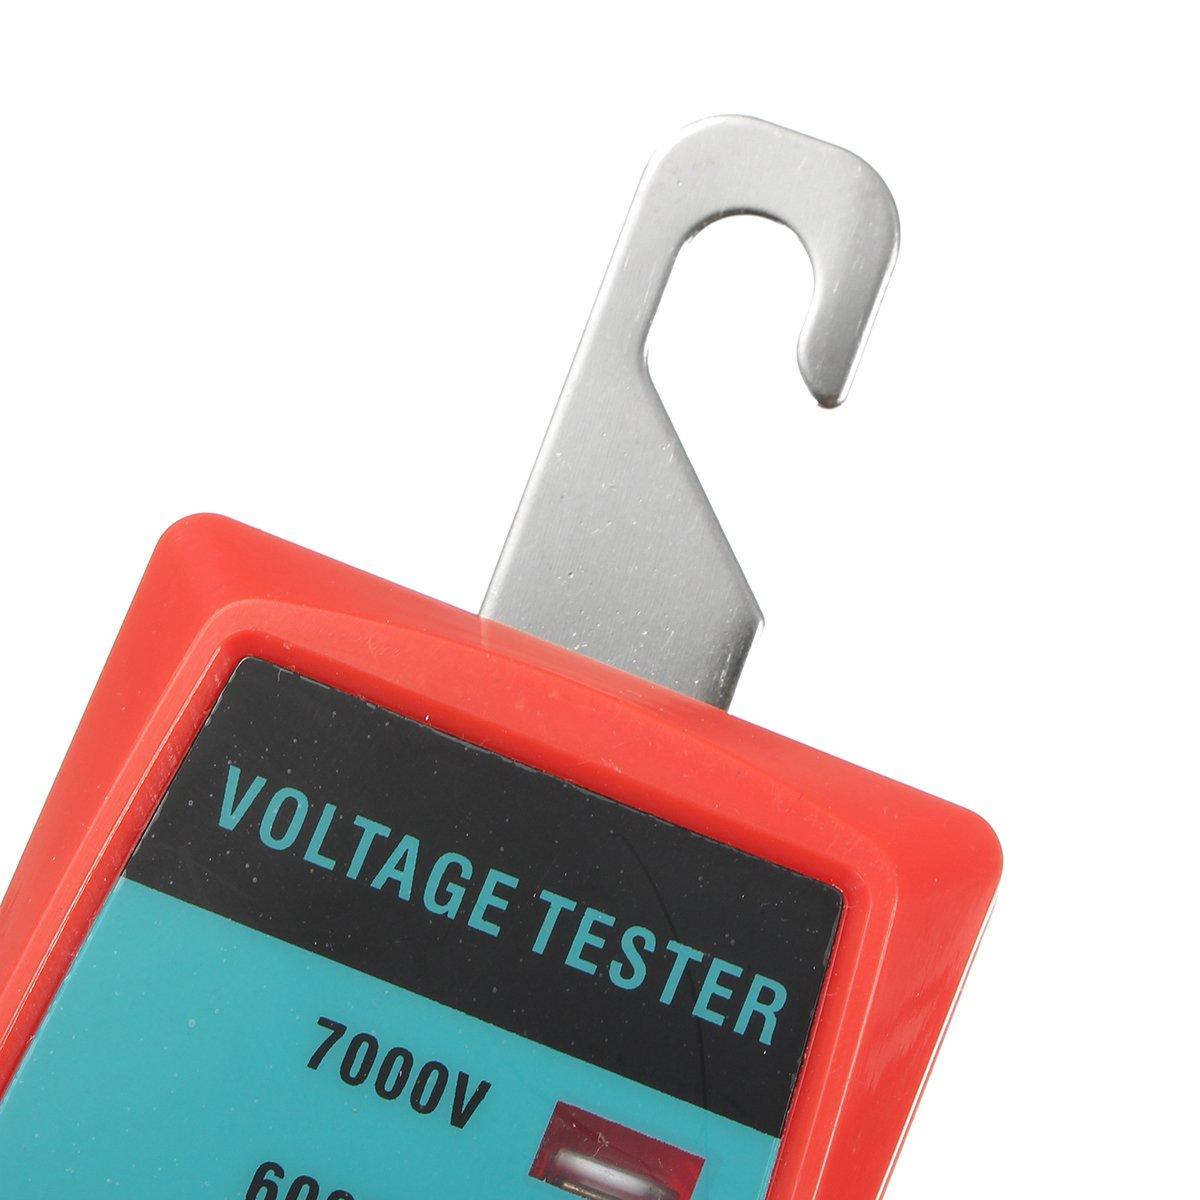 ILS/ /Handheld el/éctrico Valla Detector de Voltaje 600/V a 7000/V Voltaje Medir Herramientas de Jardiner/ía